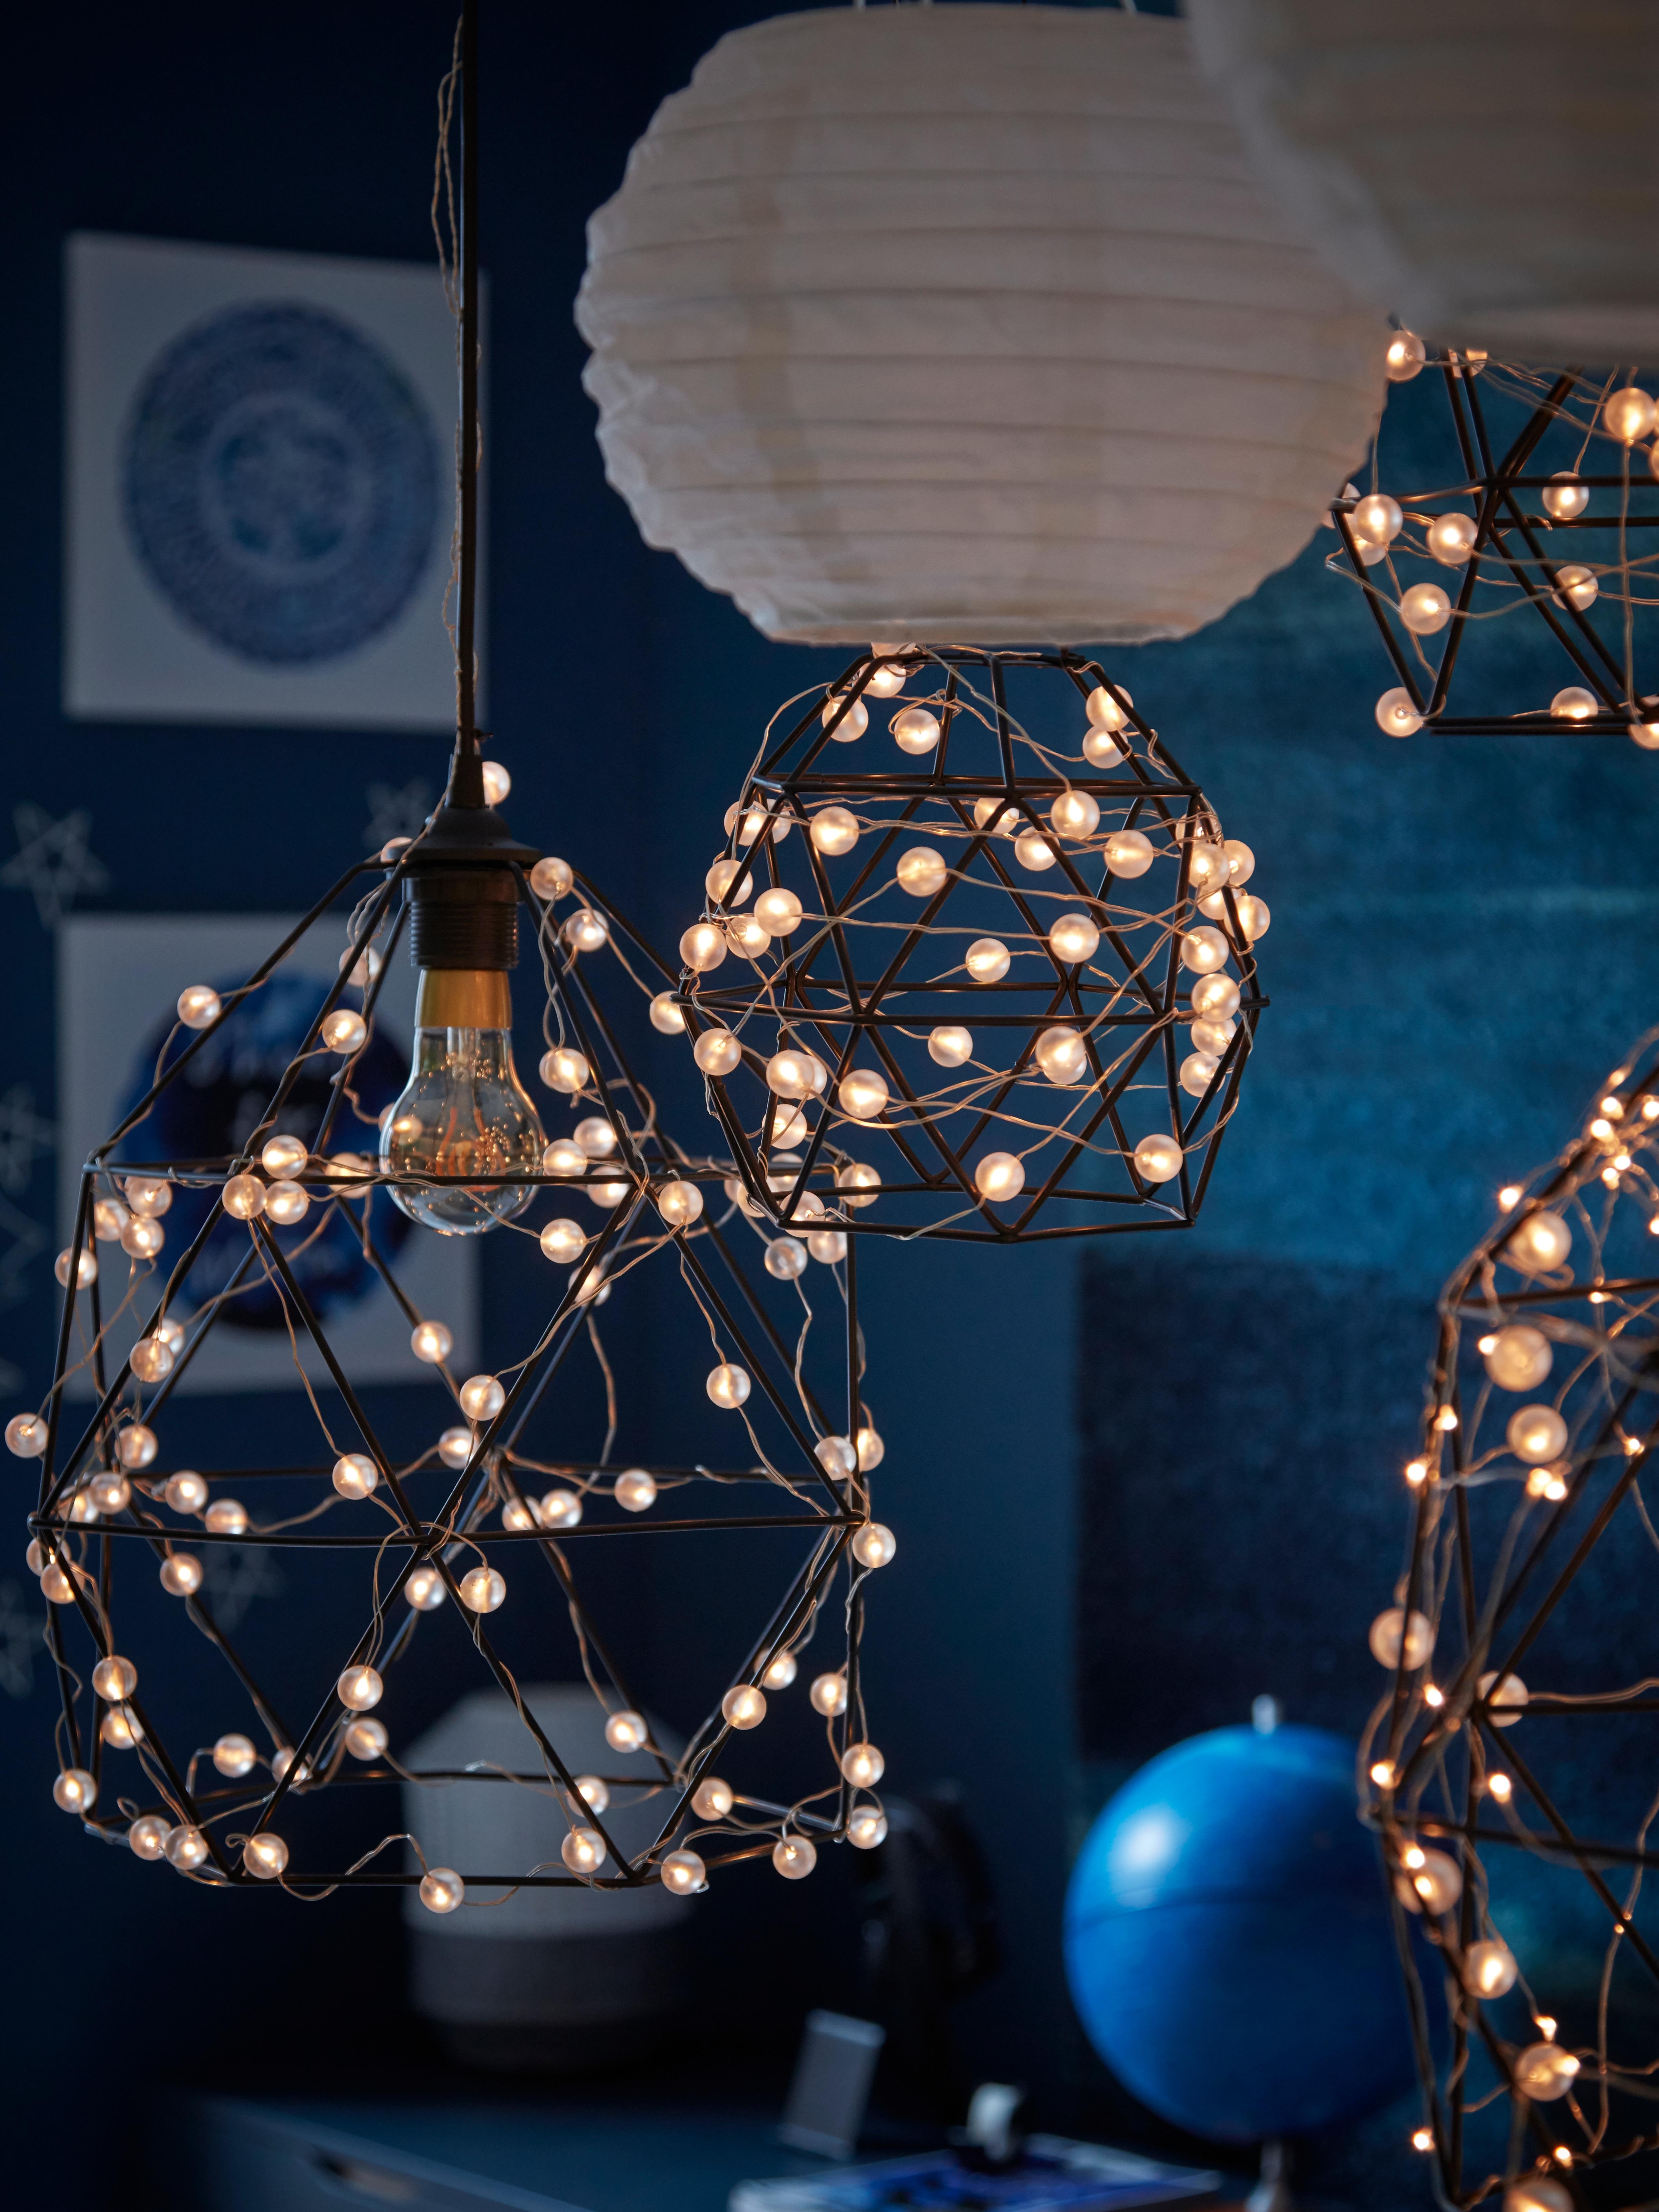 SNÖYRA LED svjetla na žici isprepletena u geometrijski oblikovanu lampu, koja visi s LED visilicama na solarno napajanje.